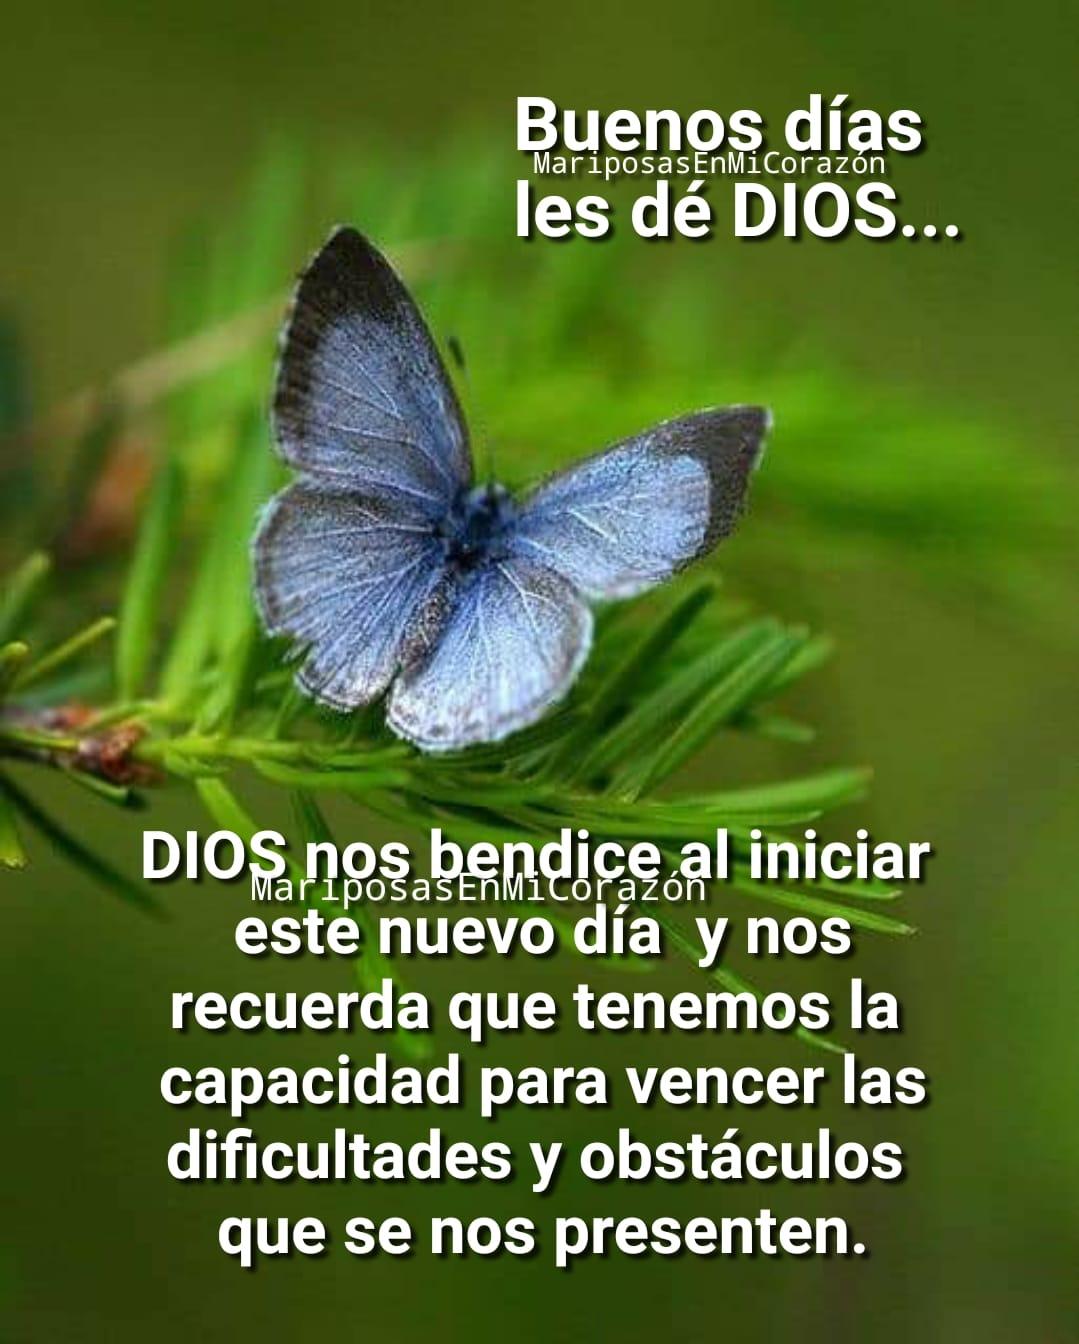 Buenos Días les dé Dios... Dios nos bendice al iniciar este nuevo día y nos recuerda que tenemos la capacidad para vencer las dificultades y obstáculos que se nos presenten.